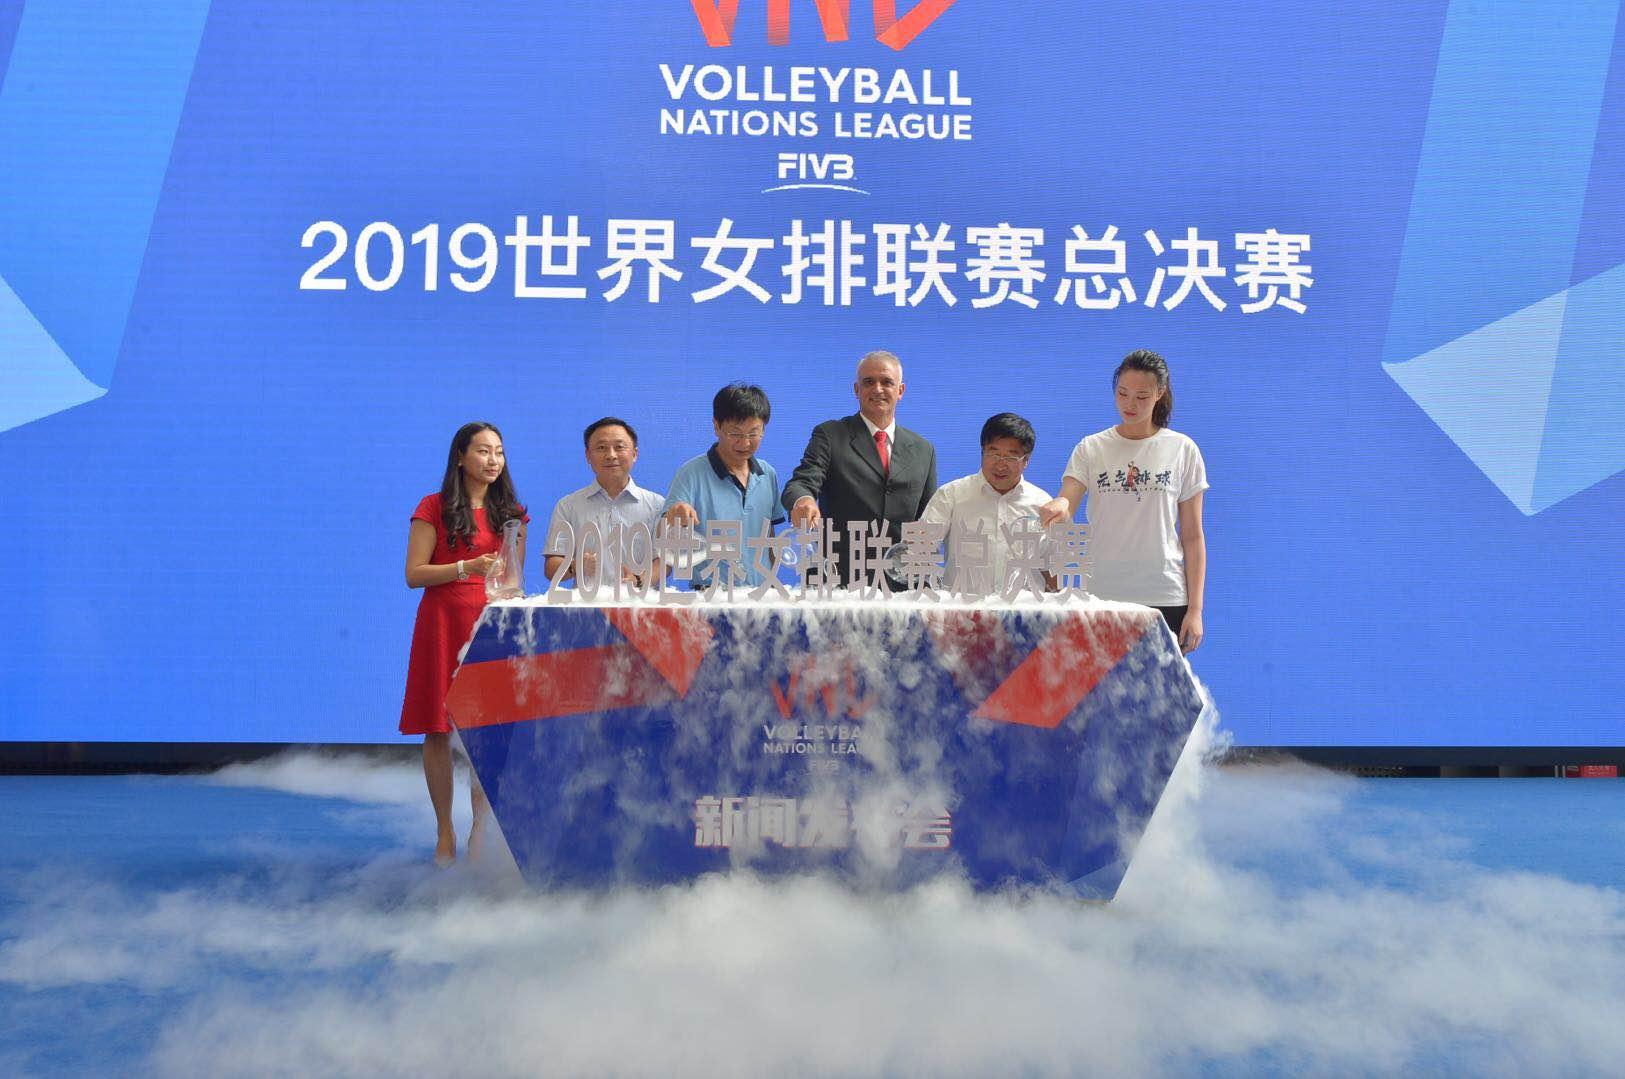 2019世界女排联赛总决赛新闻发布会在南京举行